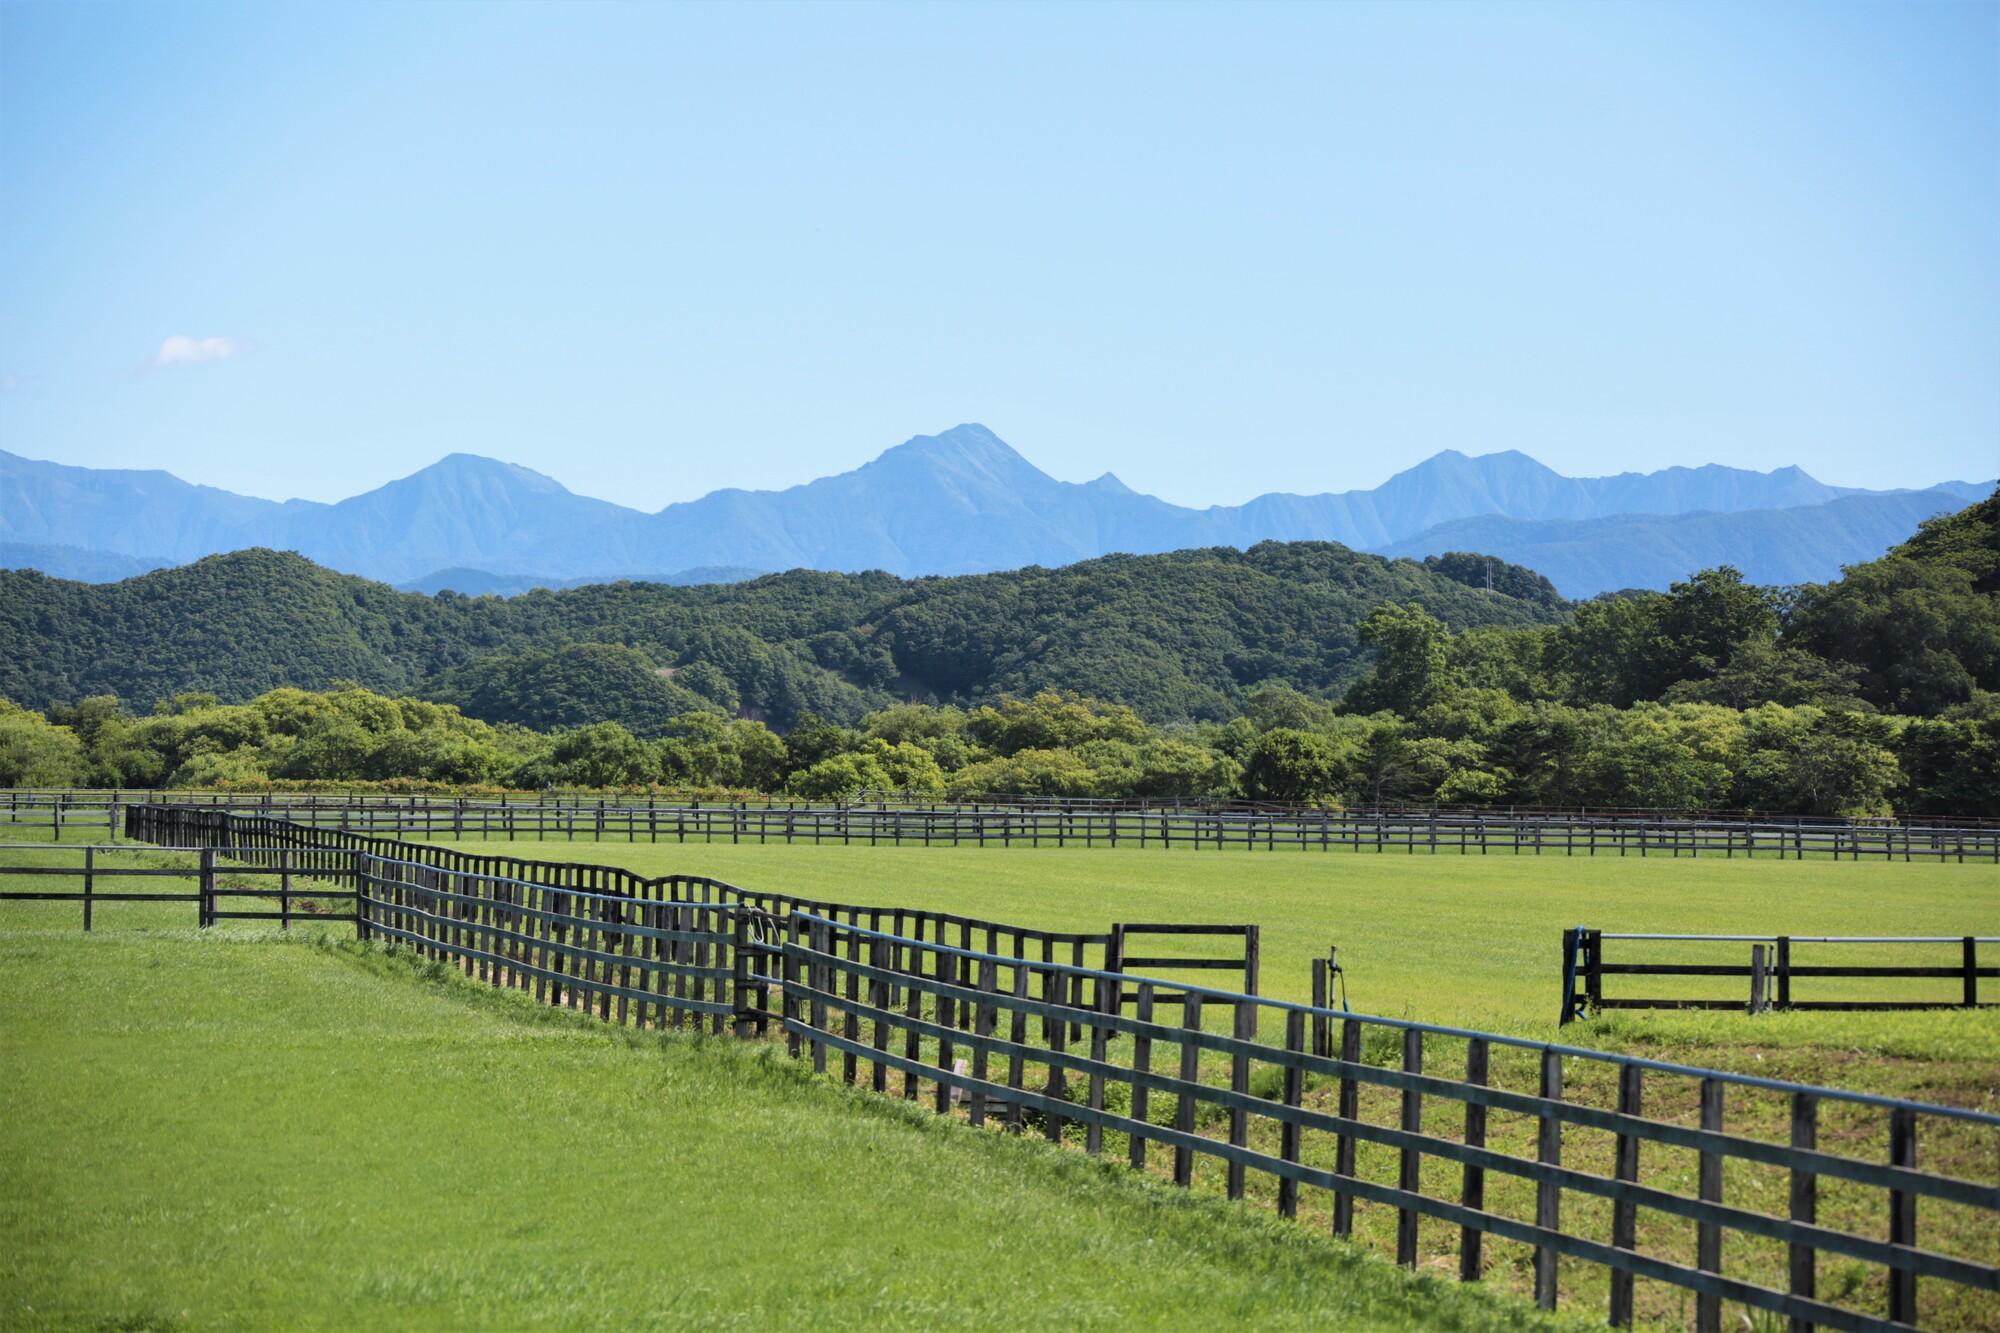 北海道の風景「日高山脈と牧場」(北海道新ひだか町)